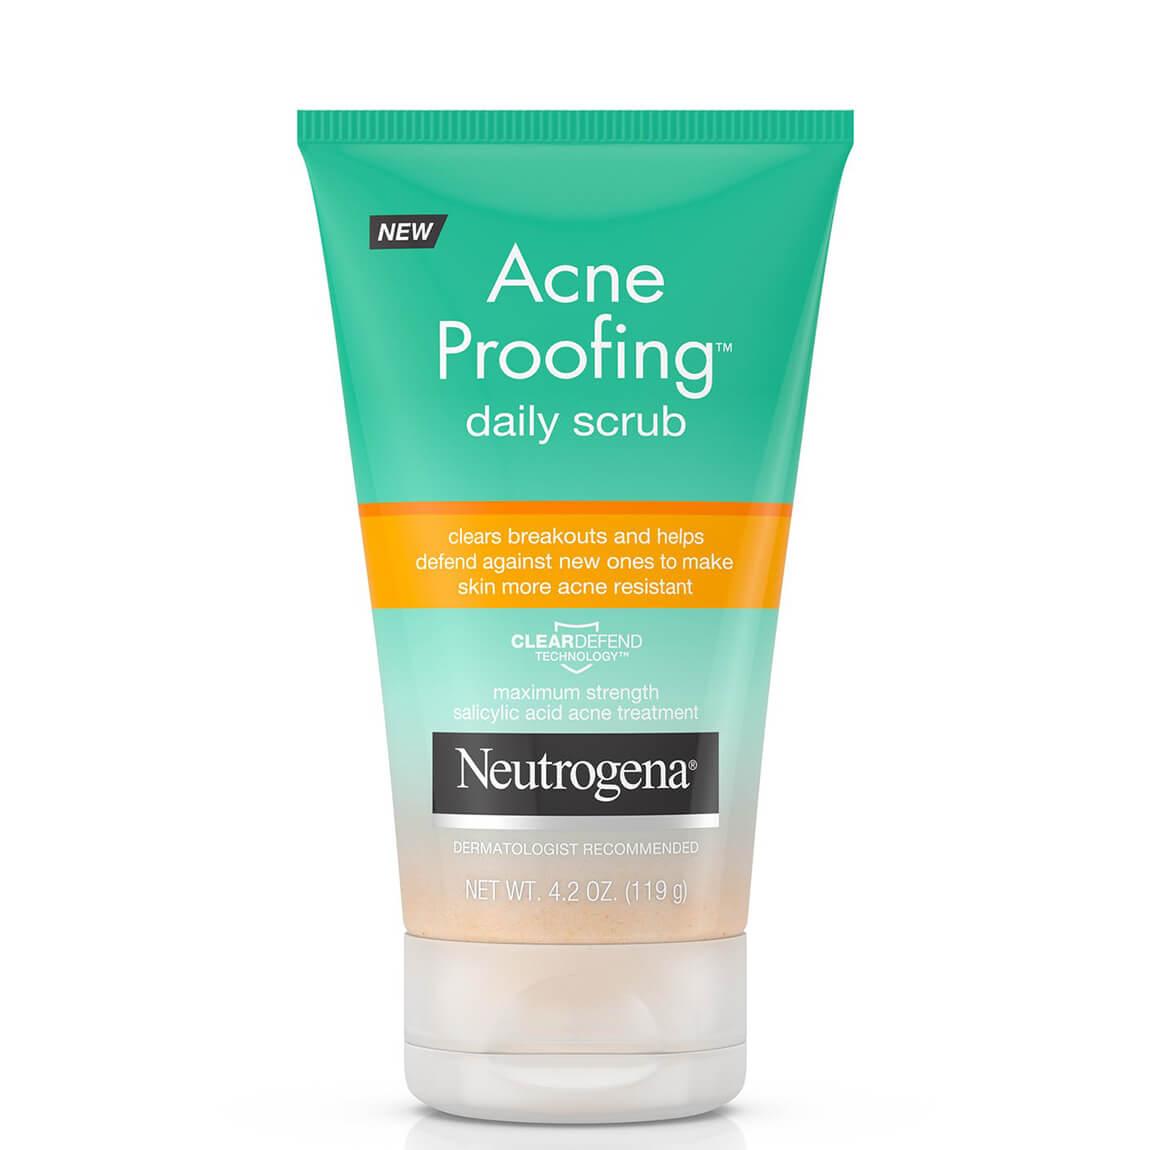 Neutrogena Acne Proofing Daily Scrub with Salicylic Acid